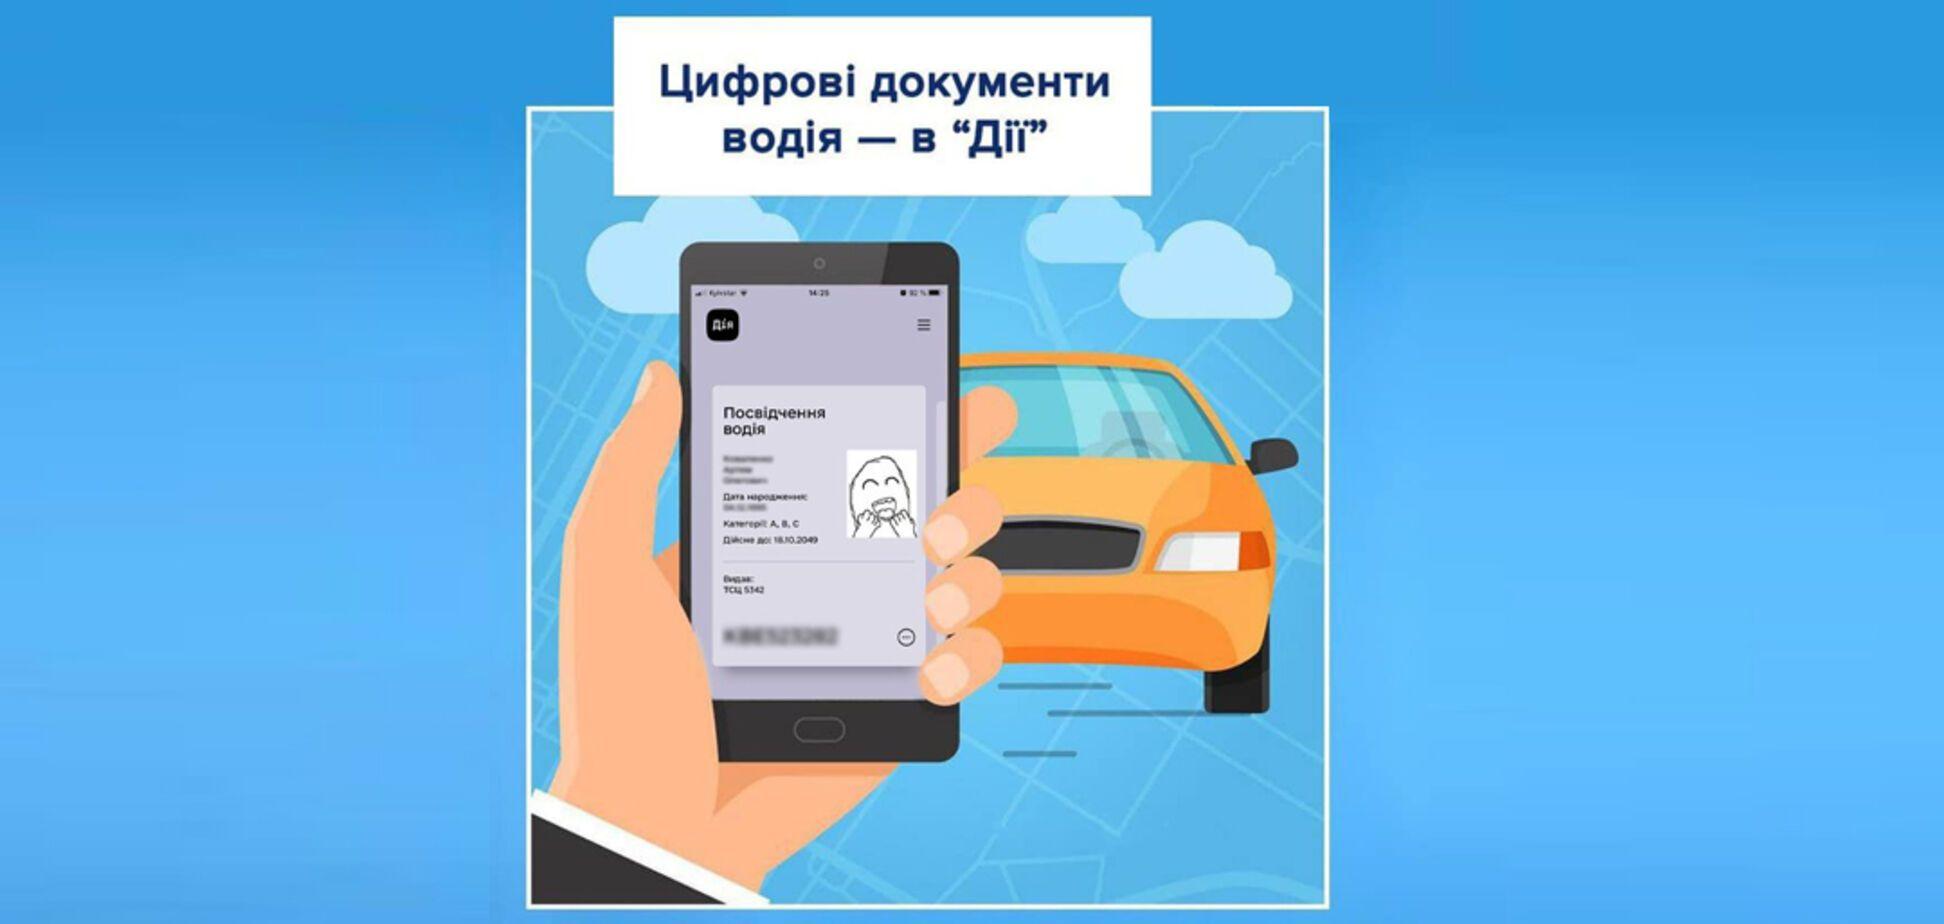 Суд оправдал водителя с правами в приложении Дія